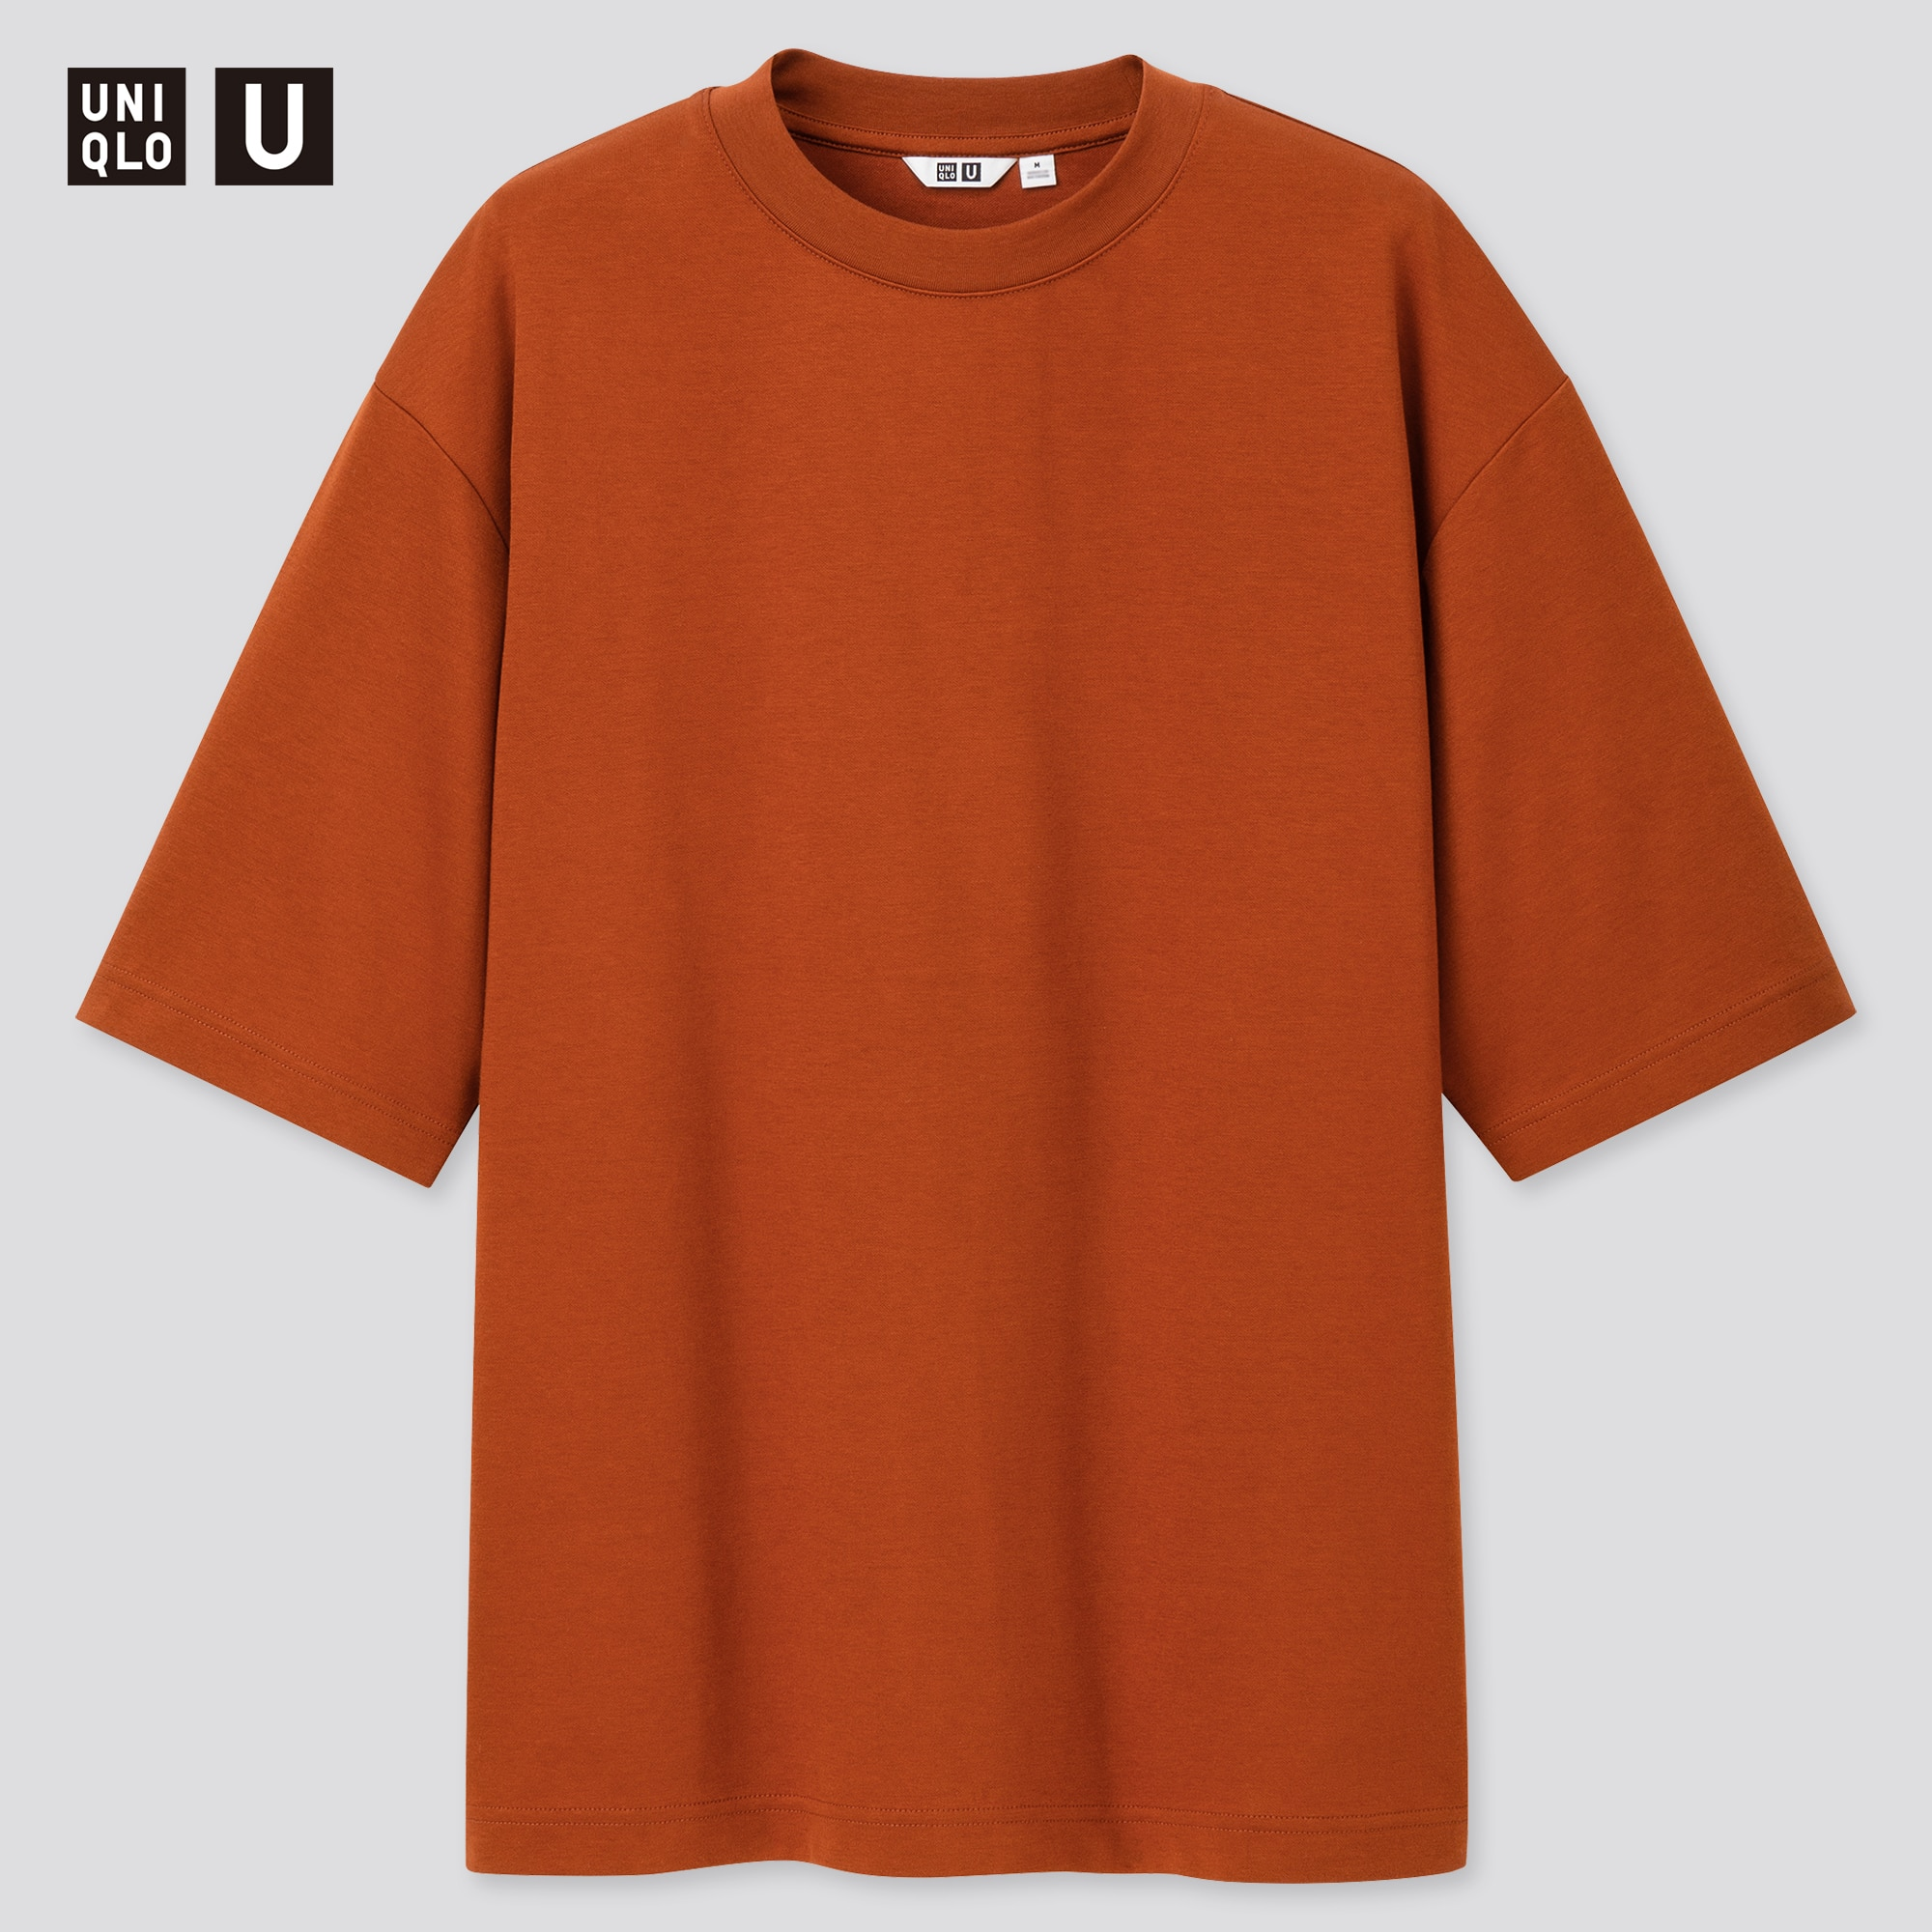 Men Uniqlo U AIRism Cotton Oversized Fit Crew Neck T Shirt